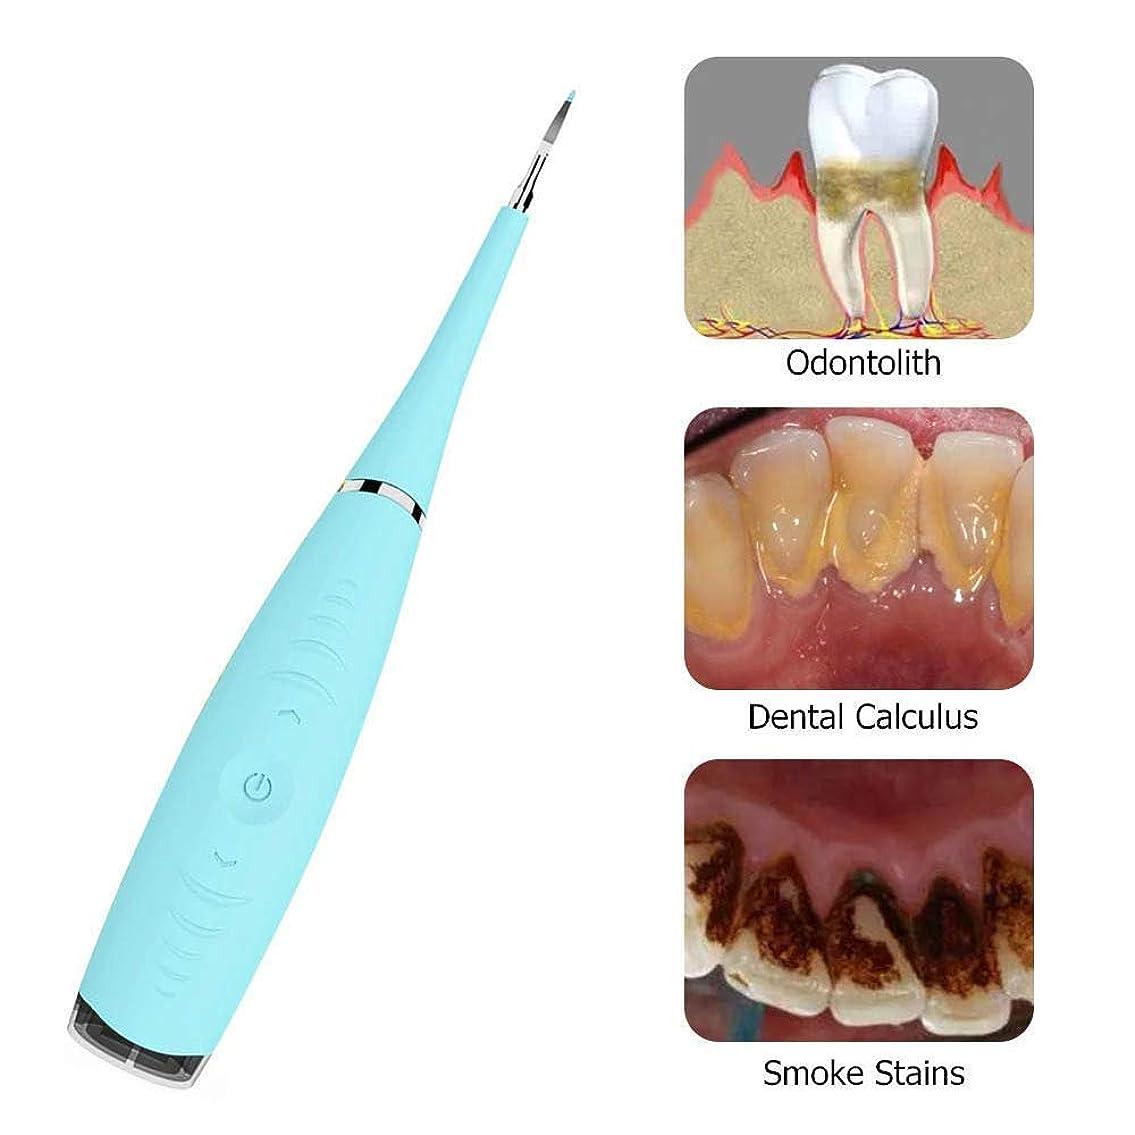 ブランデー東方連想電気歯科微積分除去スクレーパープラーク歯石歯石除去歯のクリーニングツール、Uspによって供給Ipx6防水水フロス歯のクリーナー,Blue